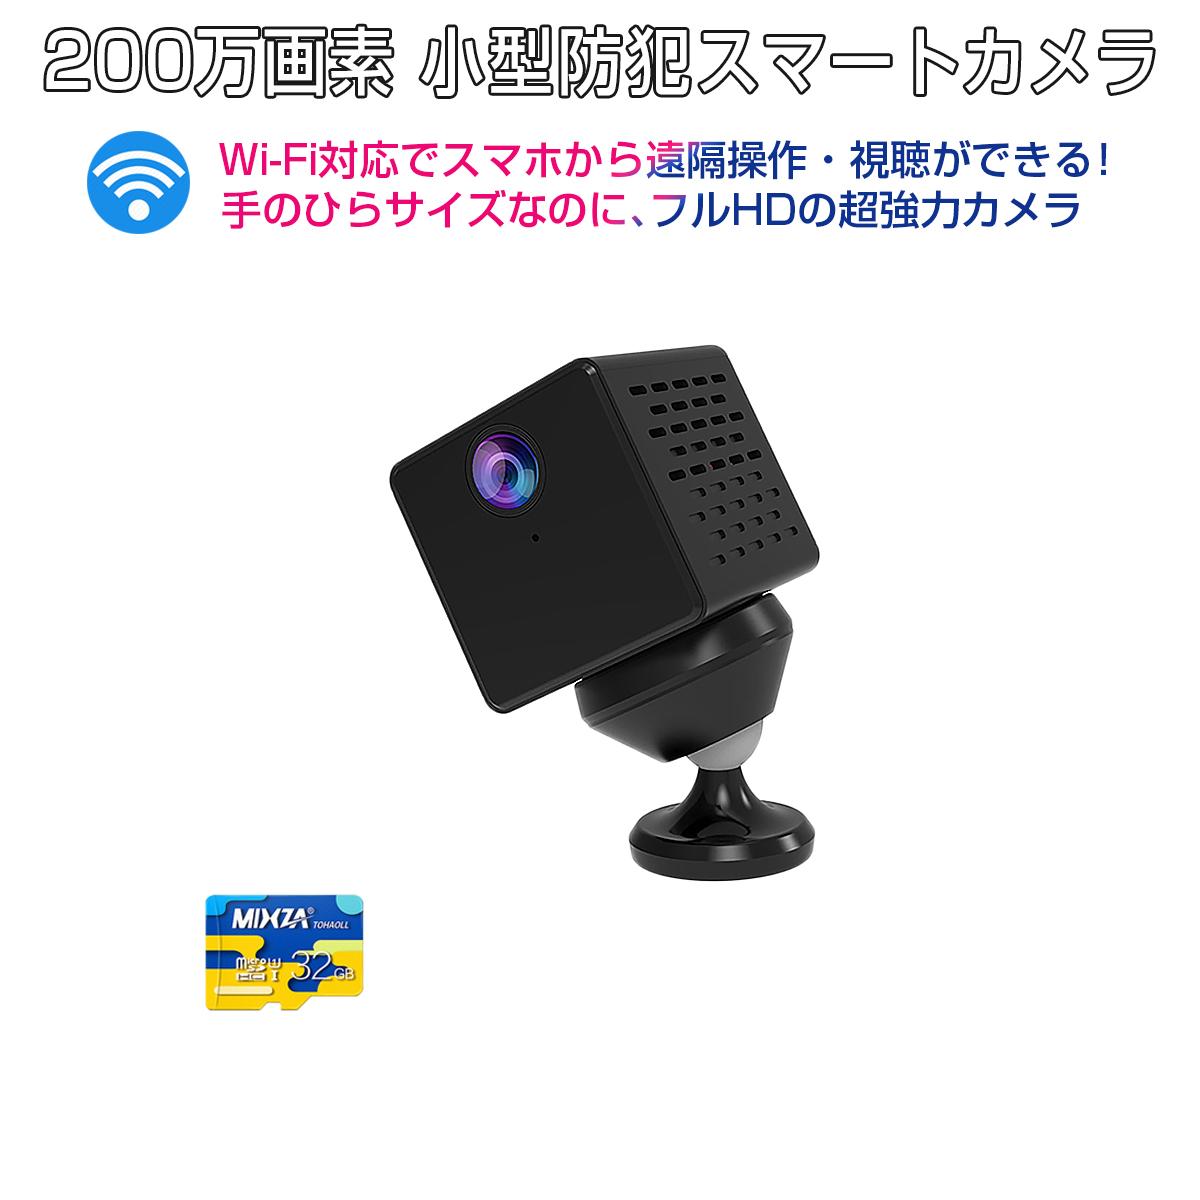 小型 防犯カメラ ワイヤレス CB71 SDカード32GB同梱モデル VStarcam フルHD 2K 1080P 200万画素 高画質 wifi 無線 MicroSDカード録画 録音 ネット環境なくても電源繋ぐだけ 遠隔監視 防犯 証拠 泥棒 浮気 横領 DV 恐喝 現場 IP カメラ 宅配便送料無料 6ヶ月保証